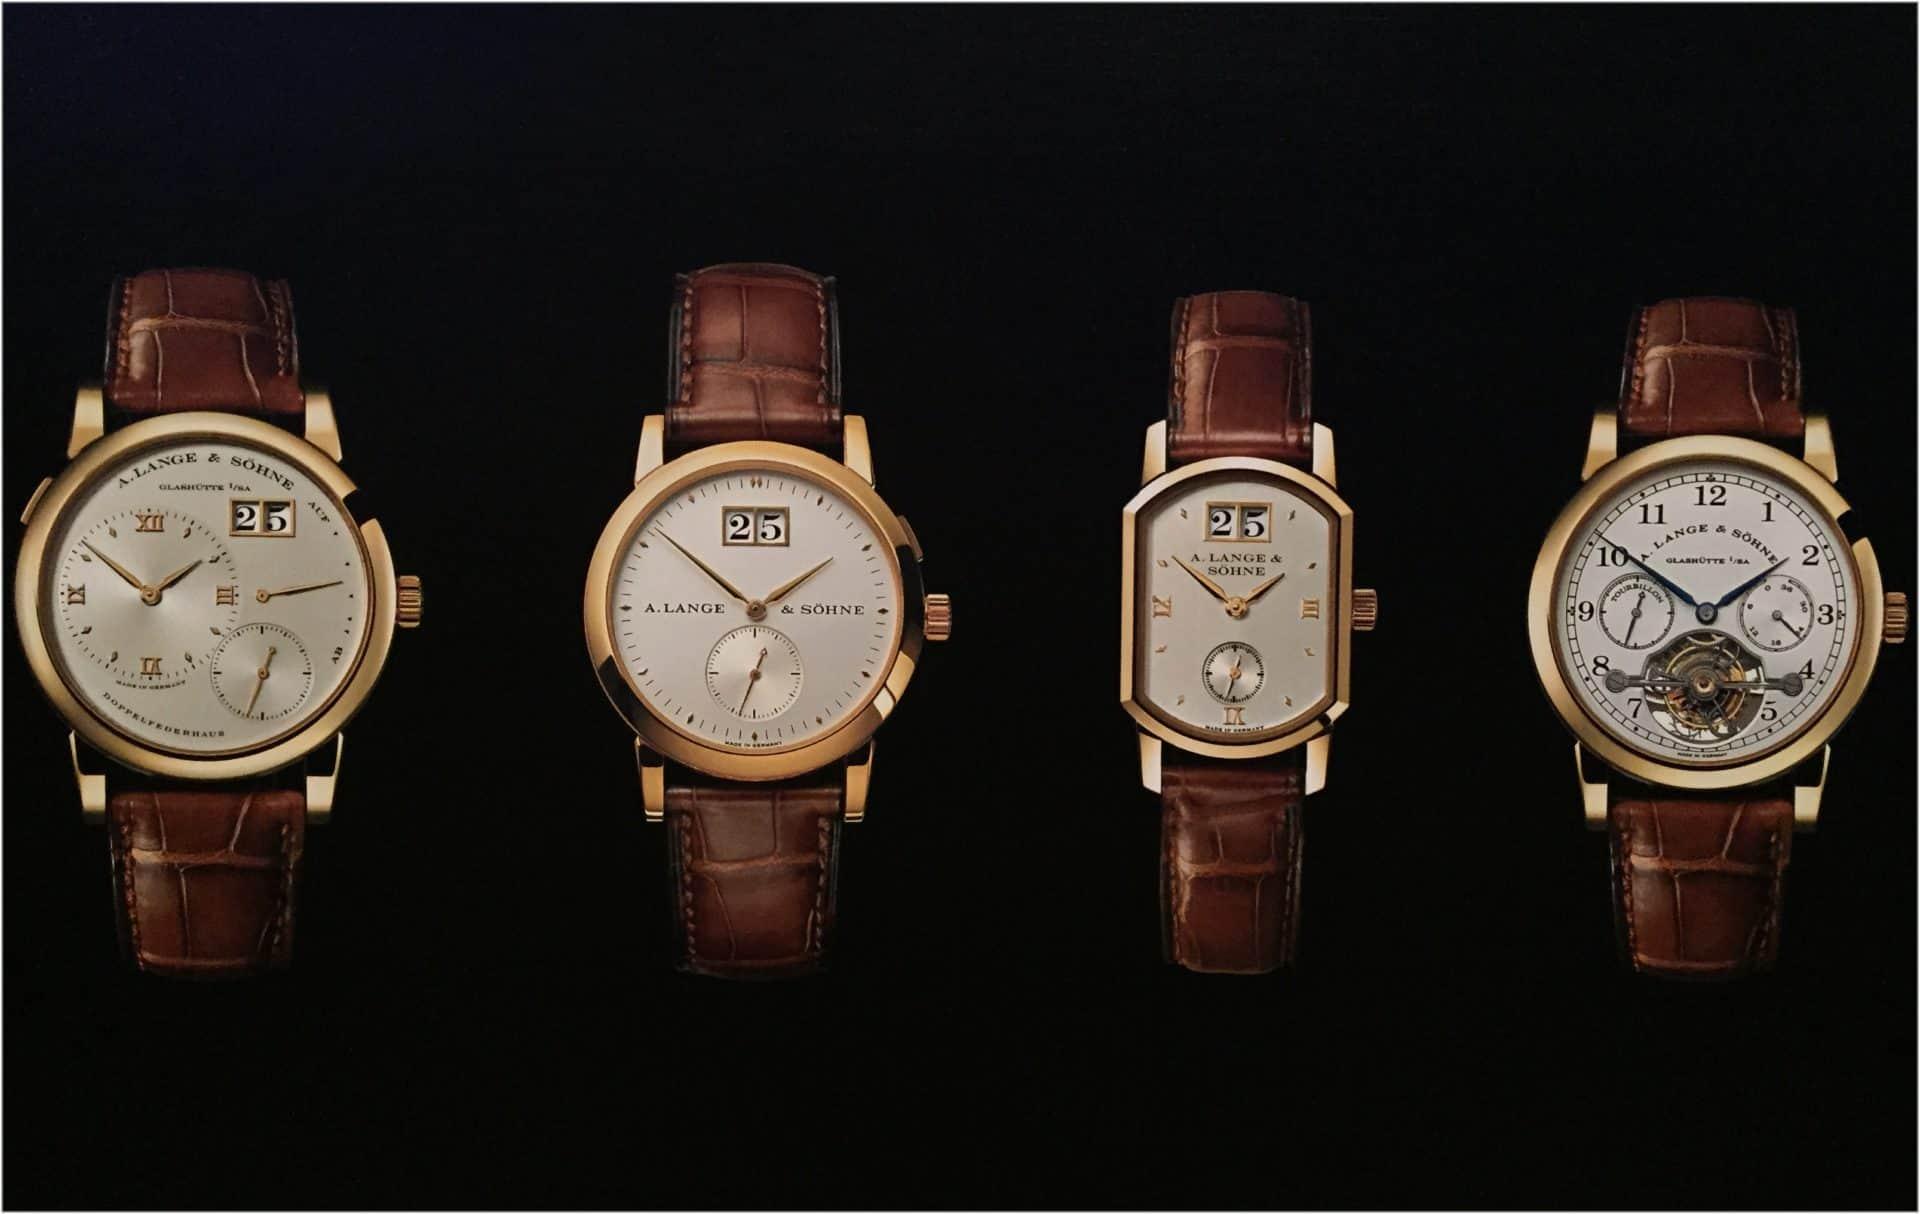 Keine Epigonen sondern neue Entwürfe: Die ersten vier Neuzeit-Armbanduhren von A. Lange & Söhne aus dem Jahr 1994